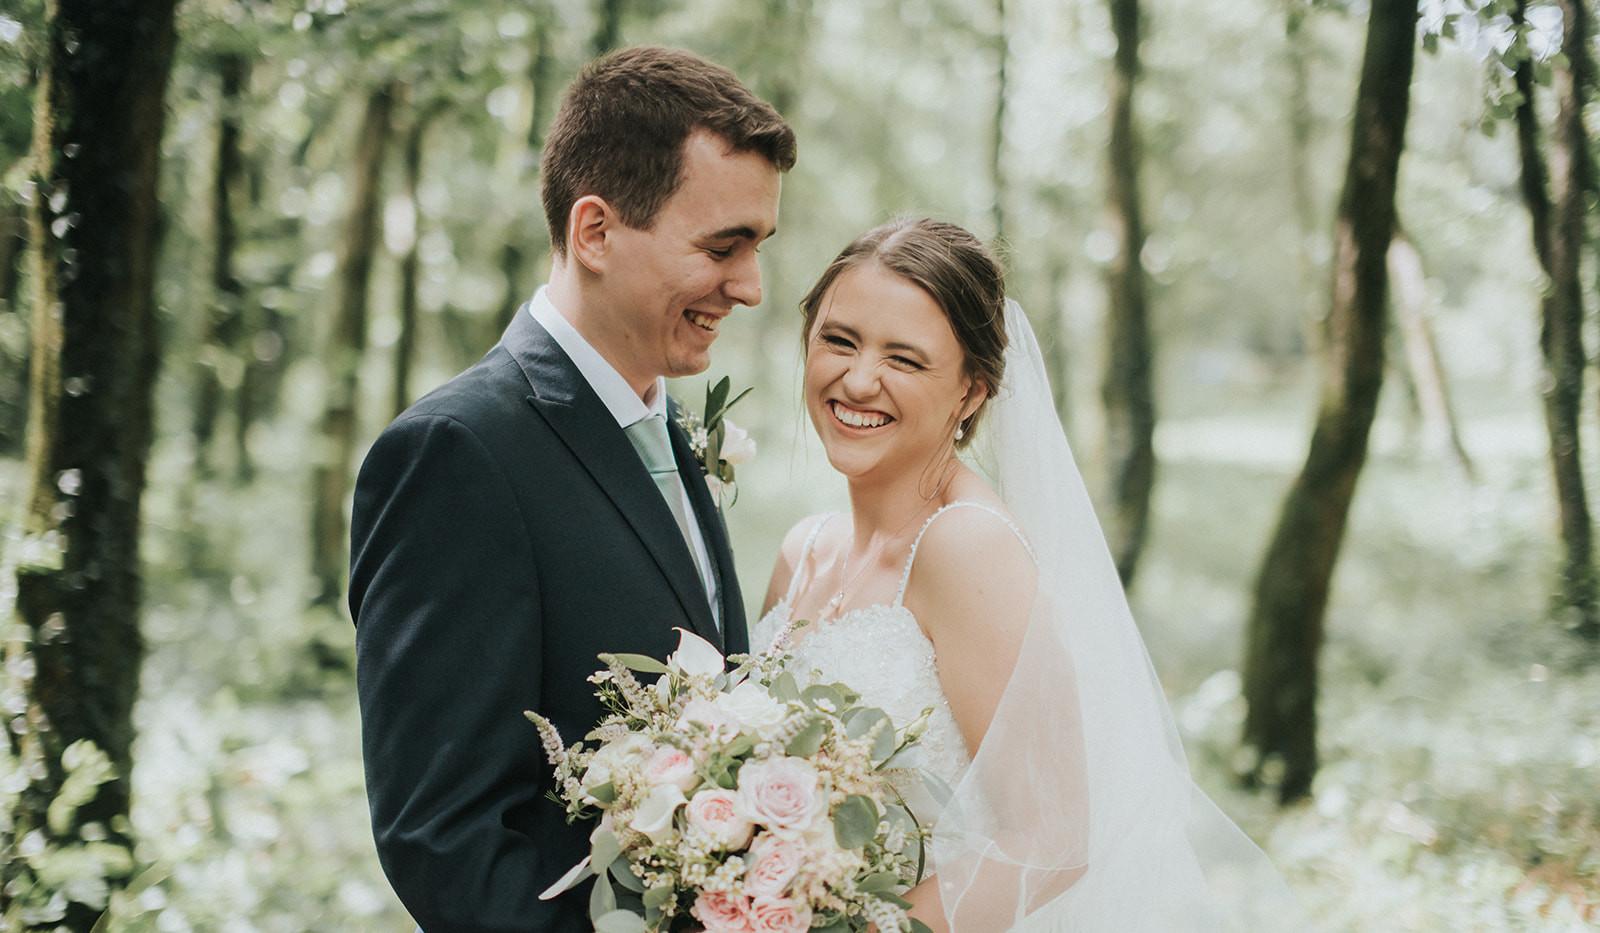 Woodland style wedding